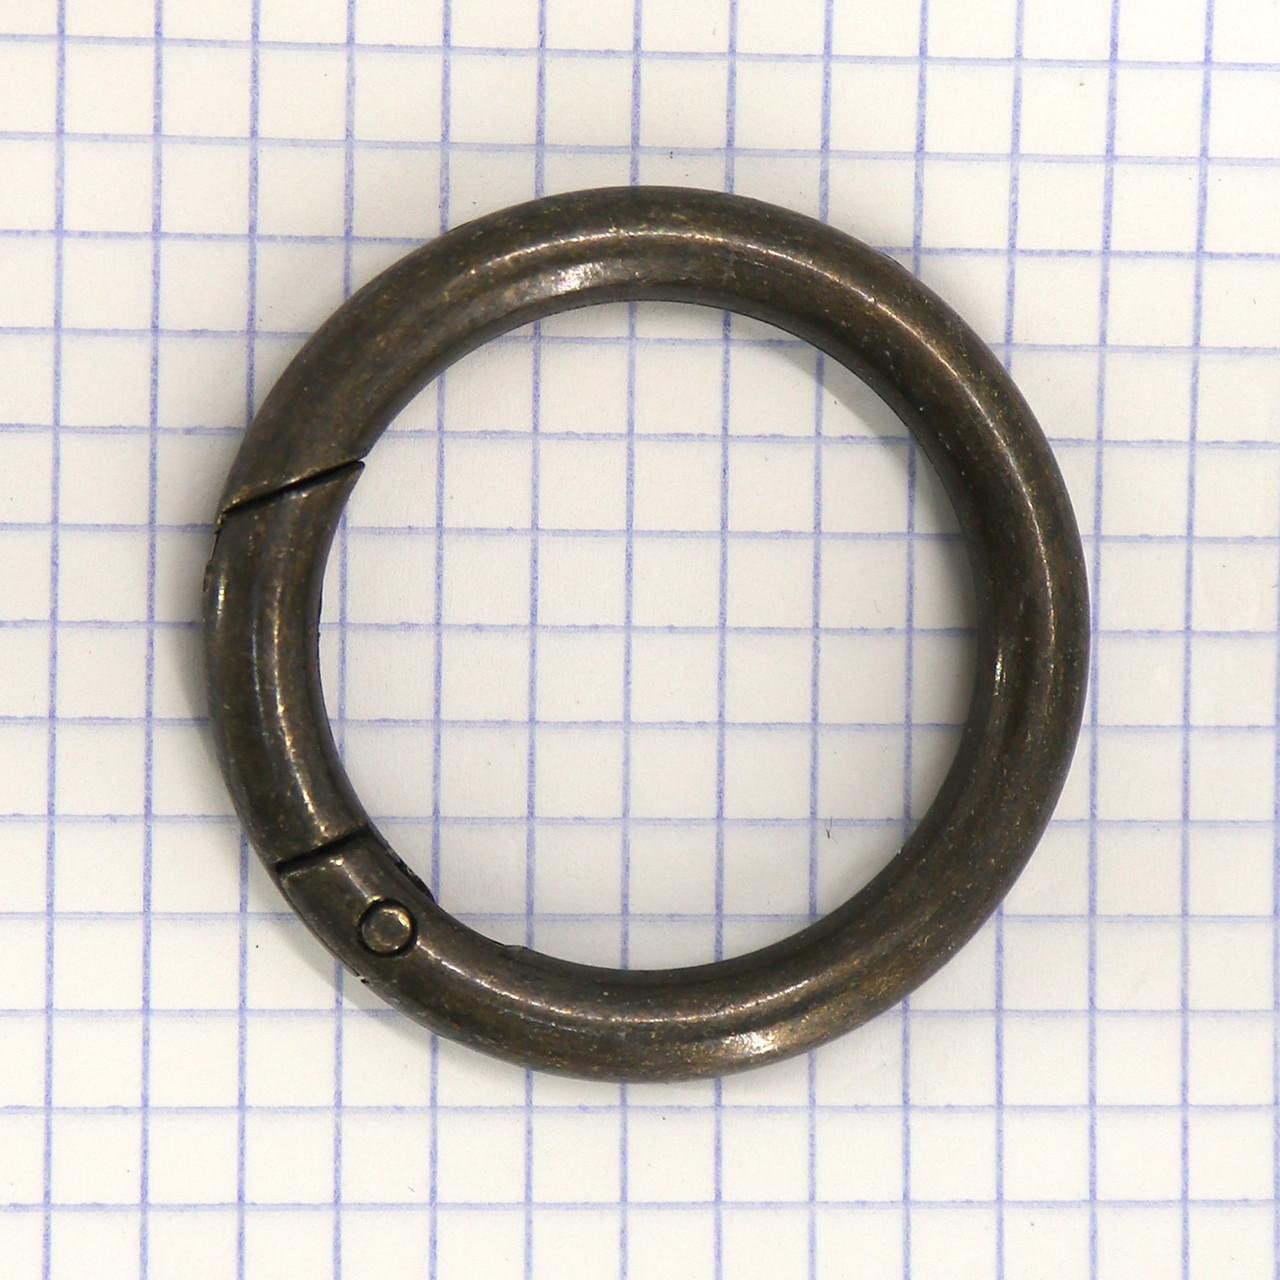 Кольцо-карабин 34*6 мм антик для сумок t5199 (2 шт.)